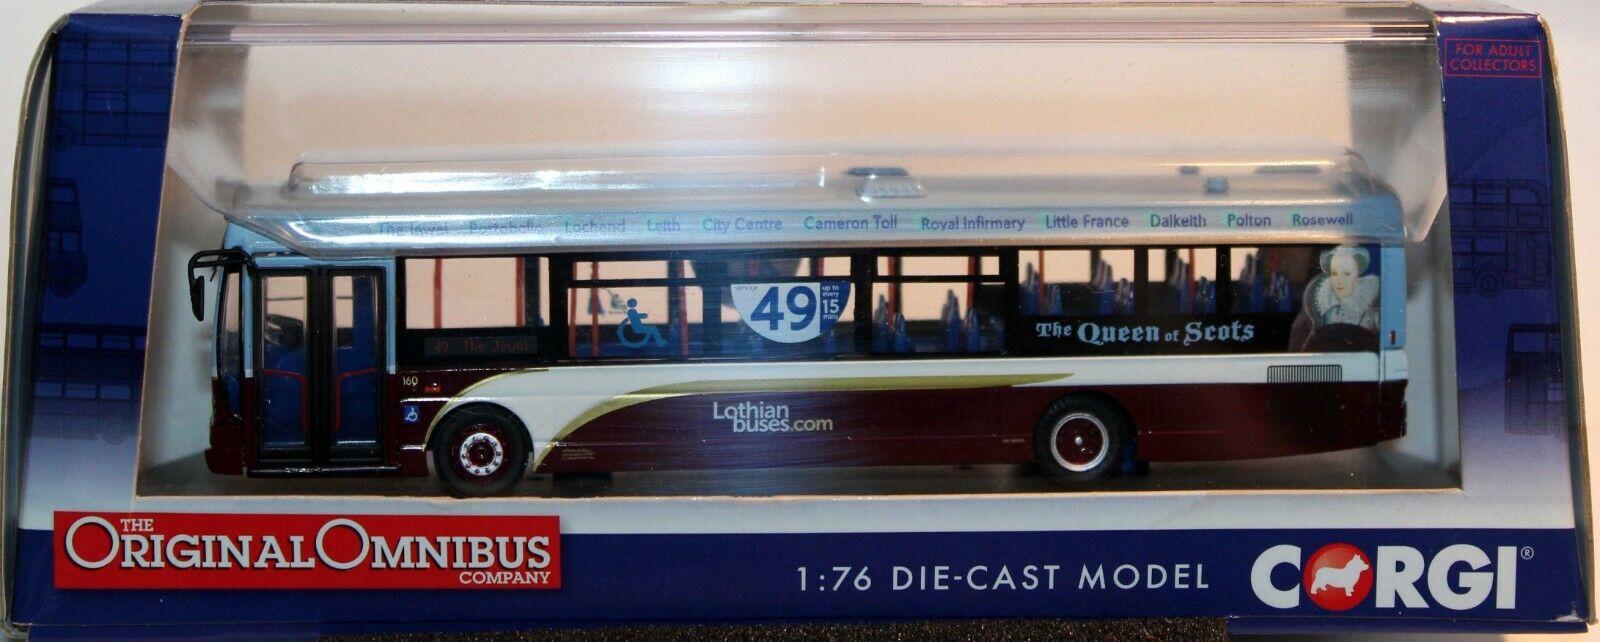 marca CORGI 1 76 OM46014B Wright Wright Wright Eclipse Lothian Autoautobus Regina degli Scozzesi 49 il gioiello  il prezzo più basso